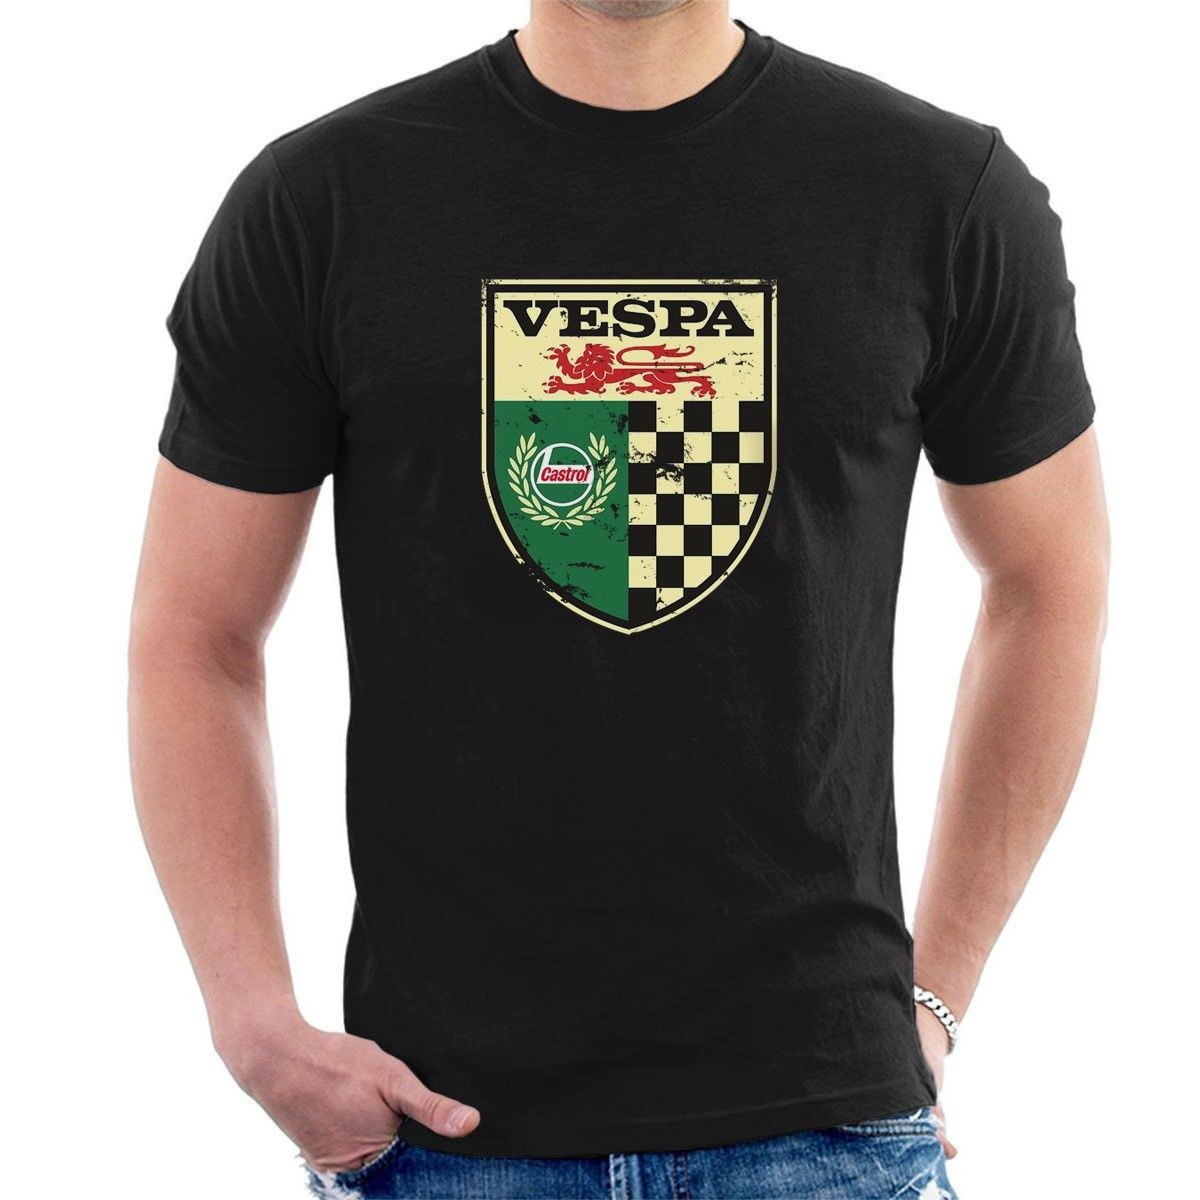 New Vespa Castrol Vintage Sign T-Shirt Distressed Classic Retro Oil M03 Cartoon T Shirt Men New Fashion Tshirt Unisex Tees